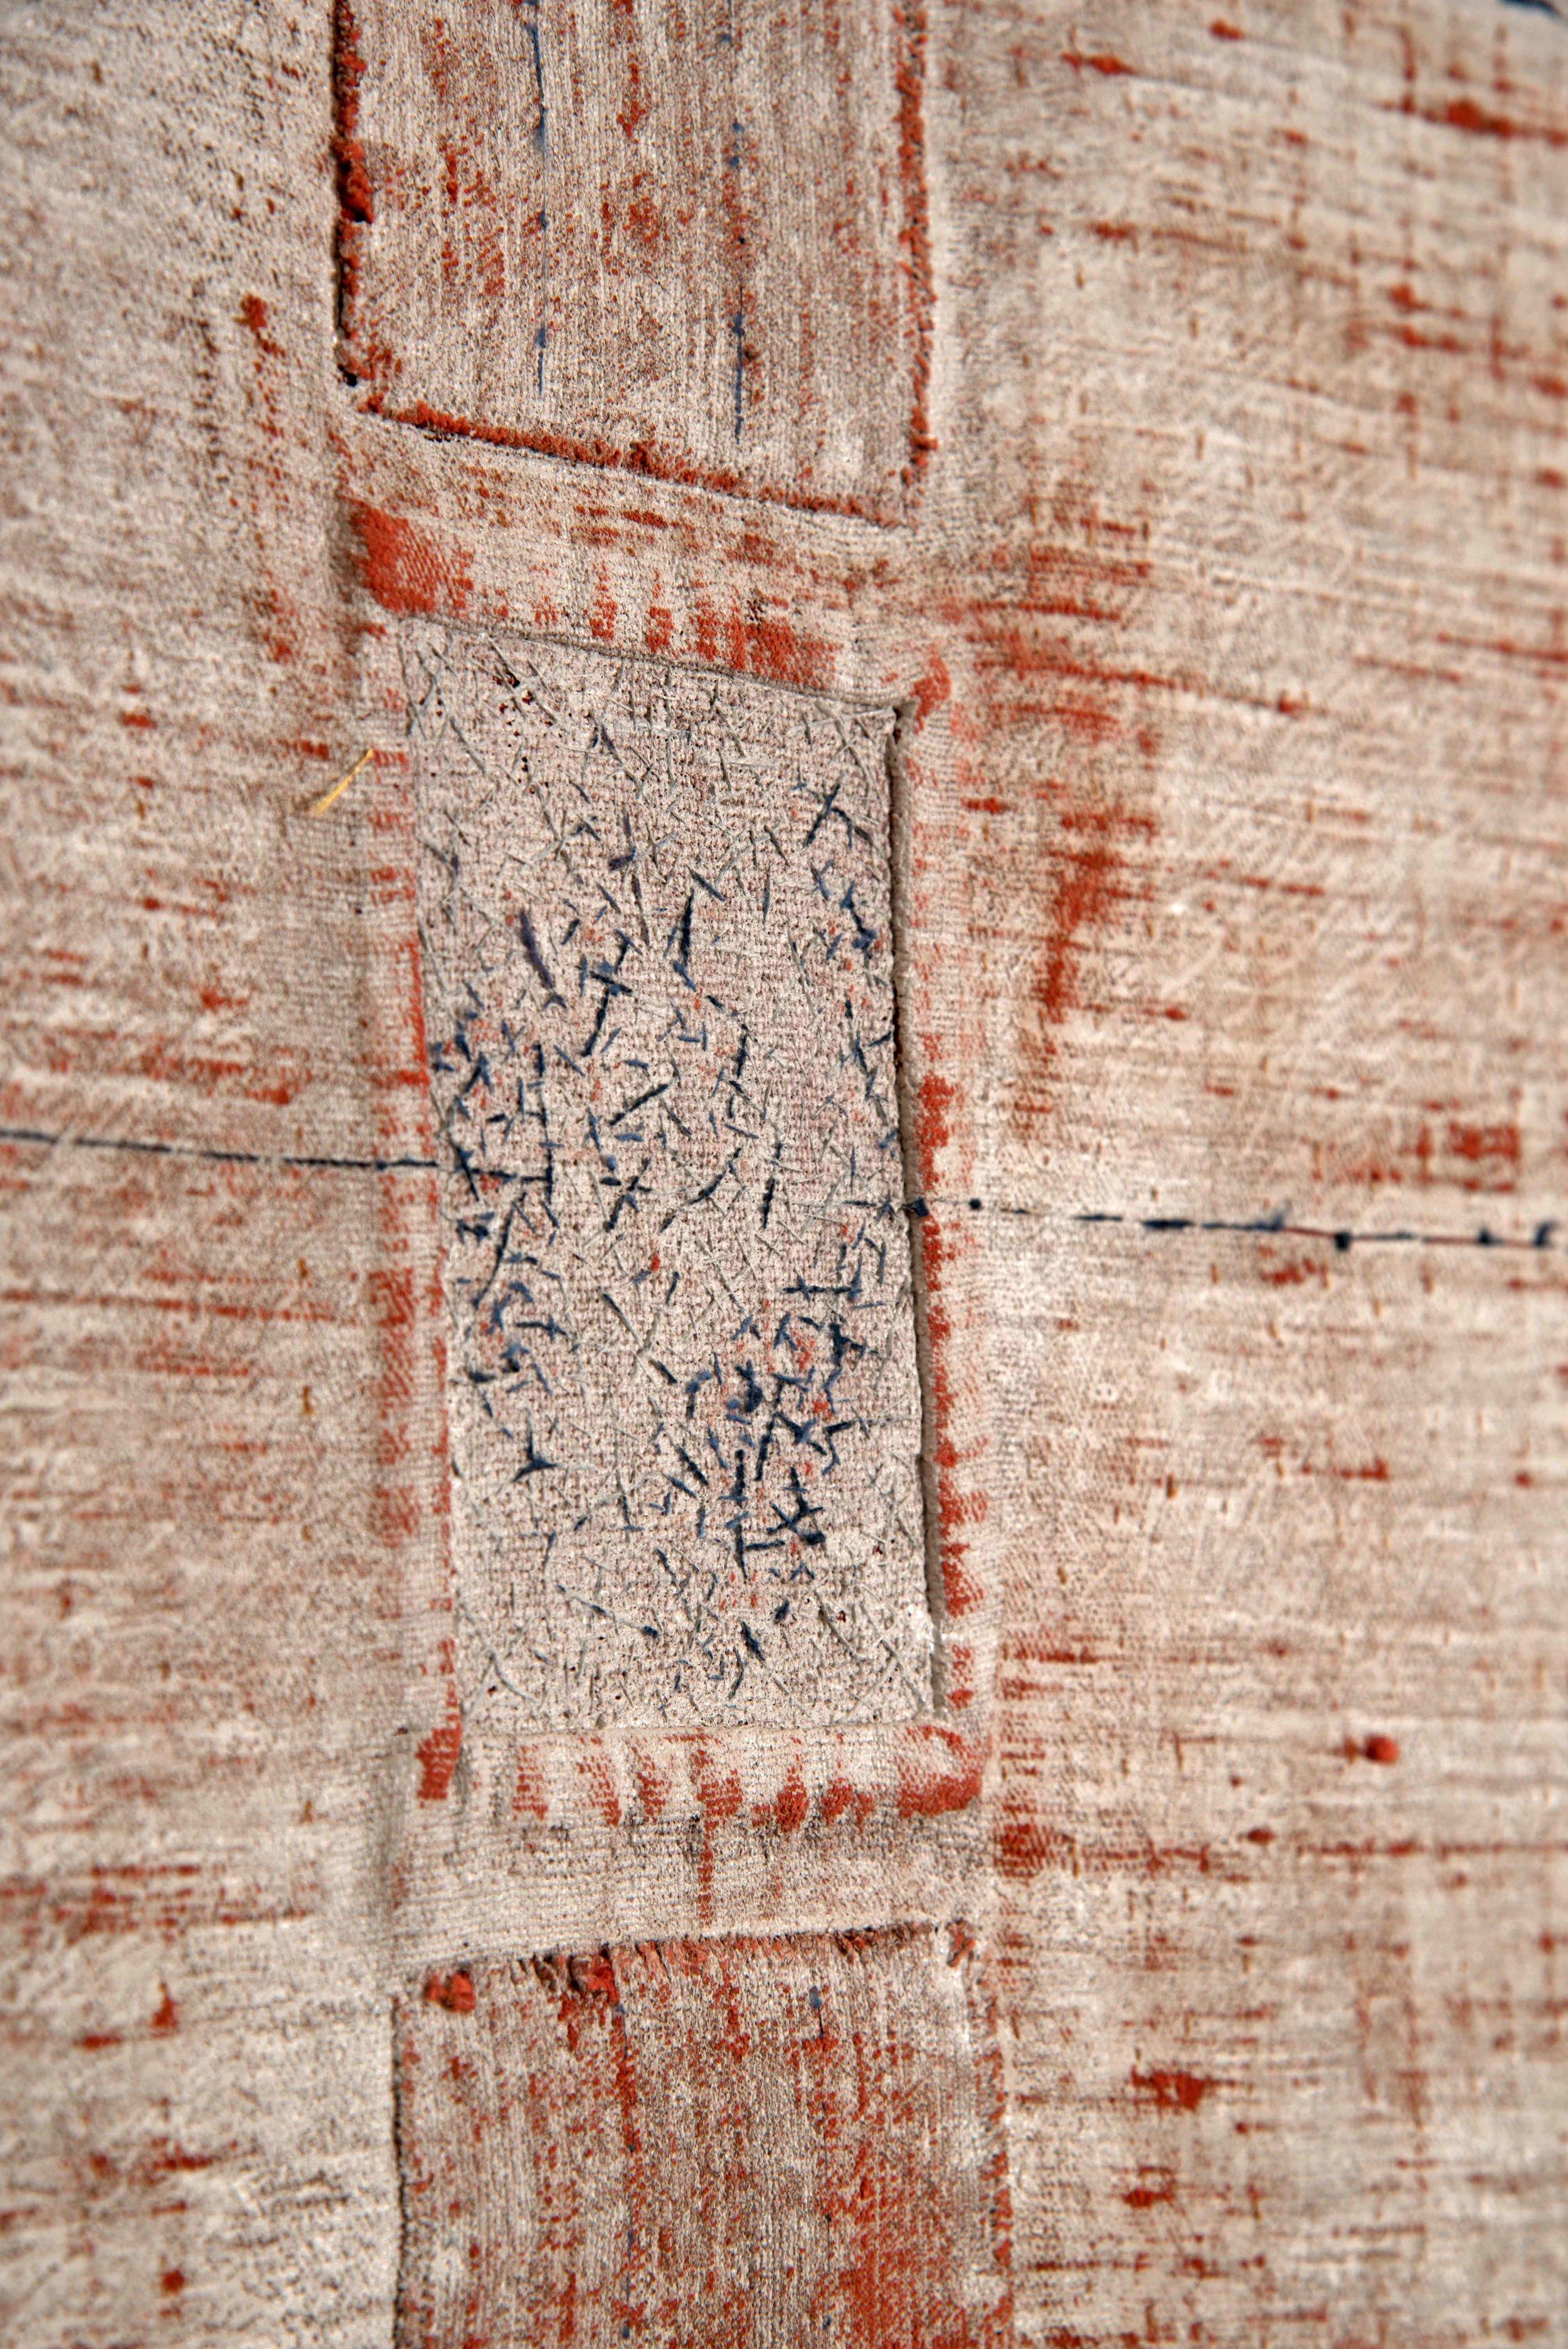 'Alto Atacama', detail (image by Katie Vandyck)